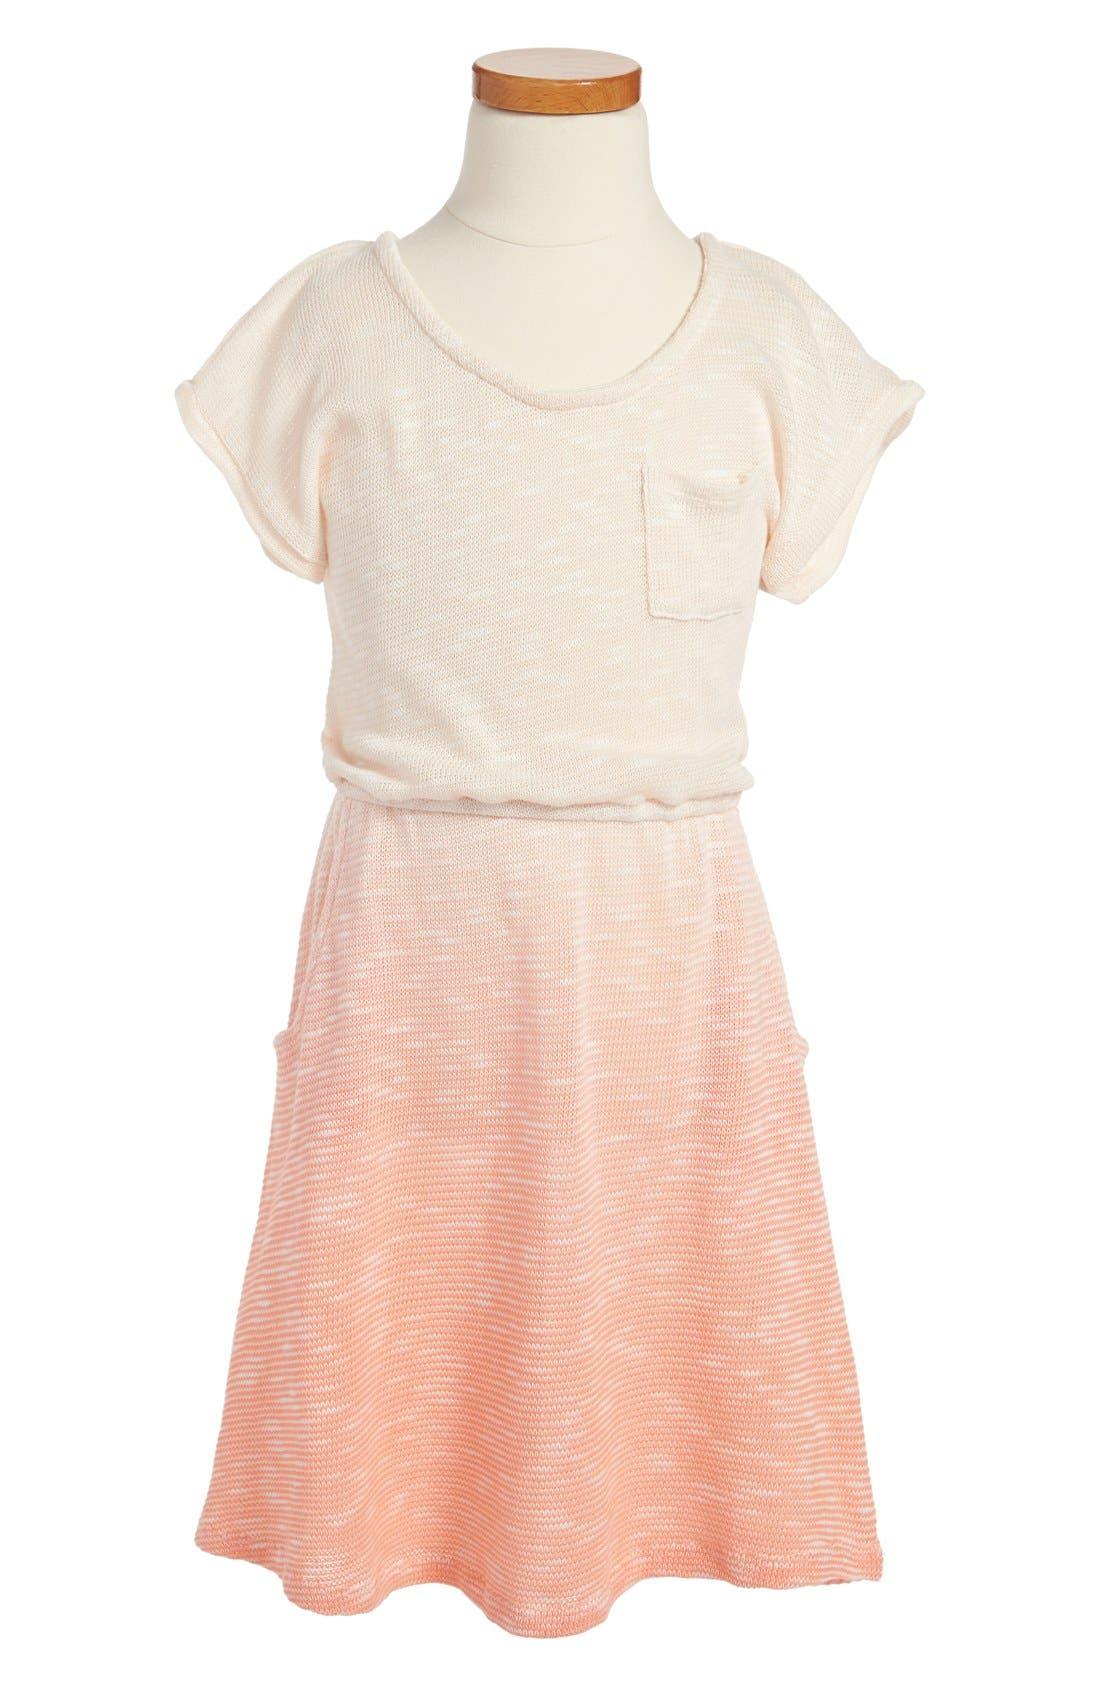 Main Image - Roxy 'Sunny Slope' Short Sleeve Dress (Big Girls)